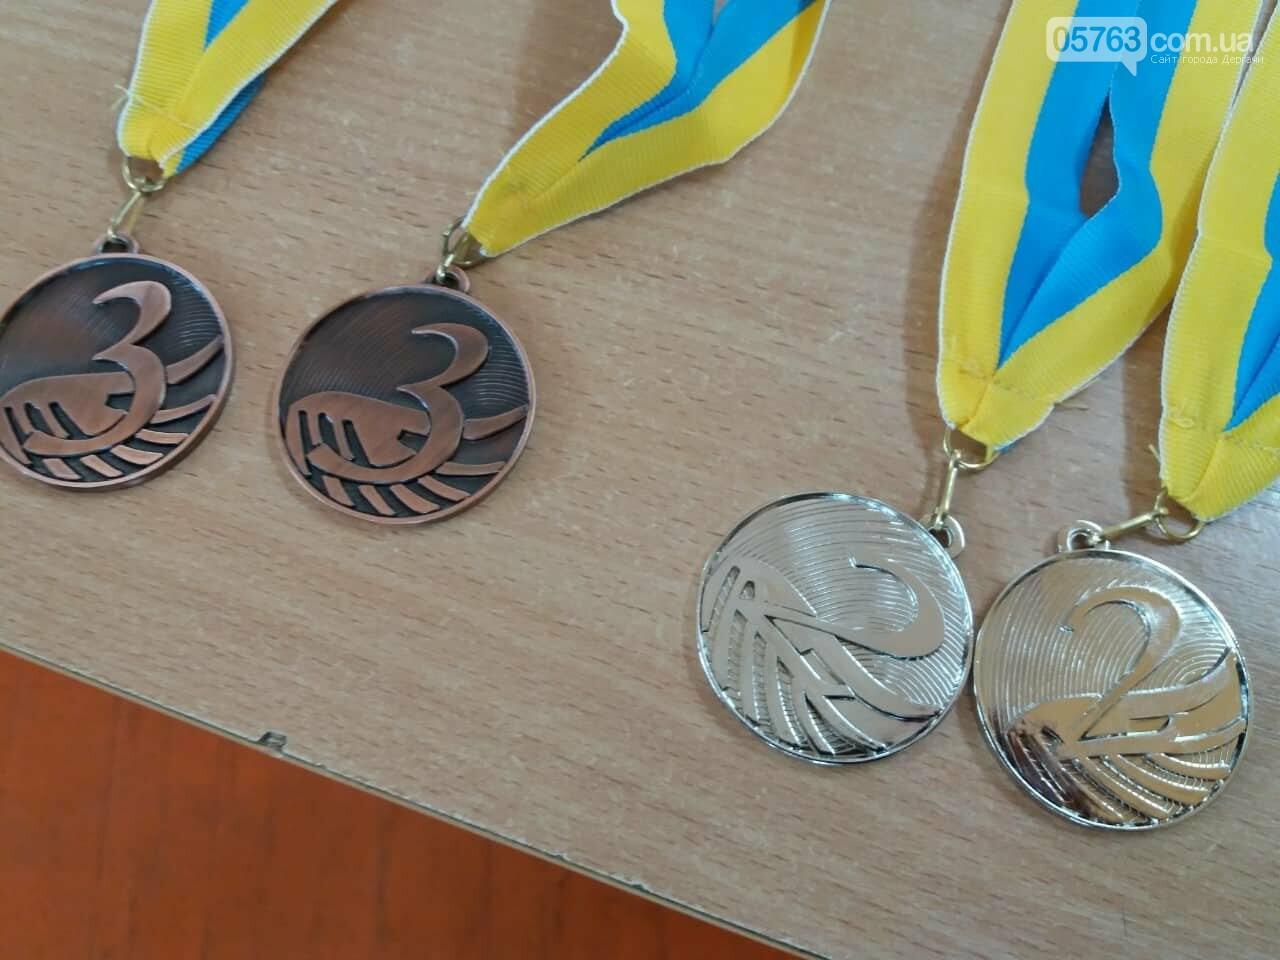 В Дергачах прошел турнир по домино, фото-5